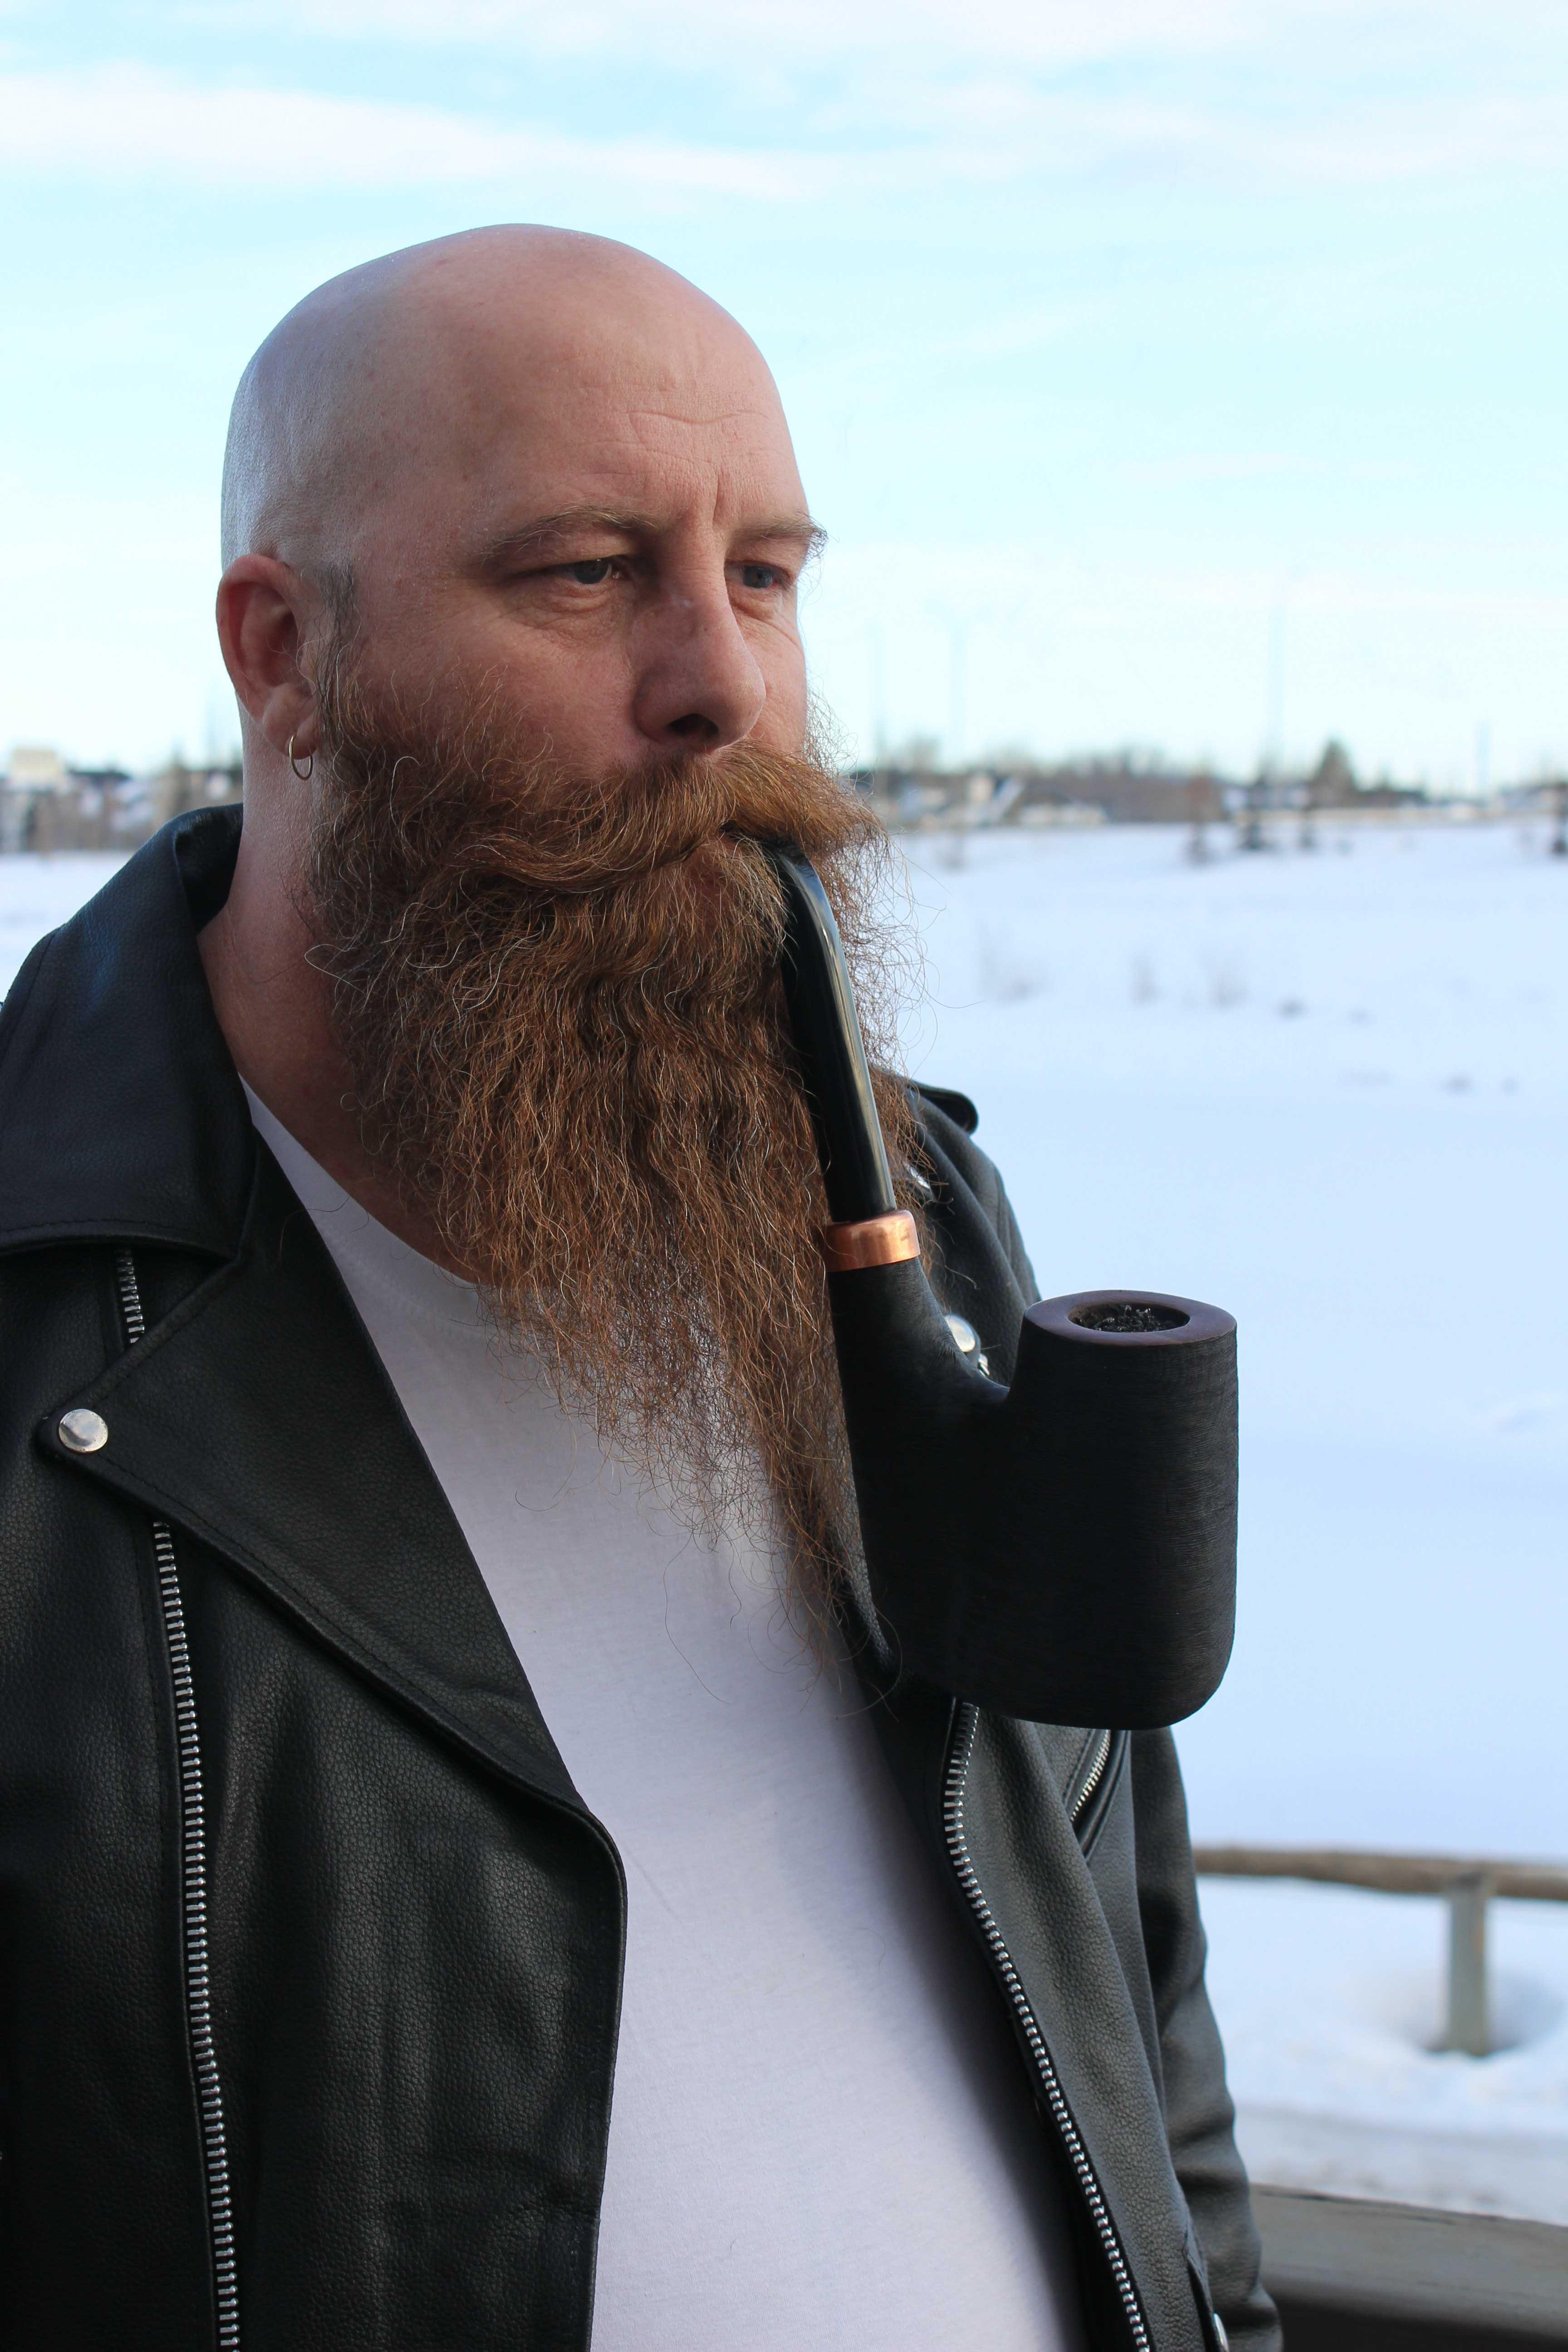 Tobacc&Smoke0304